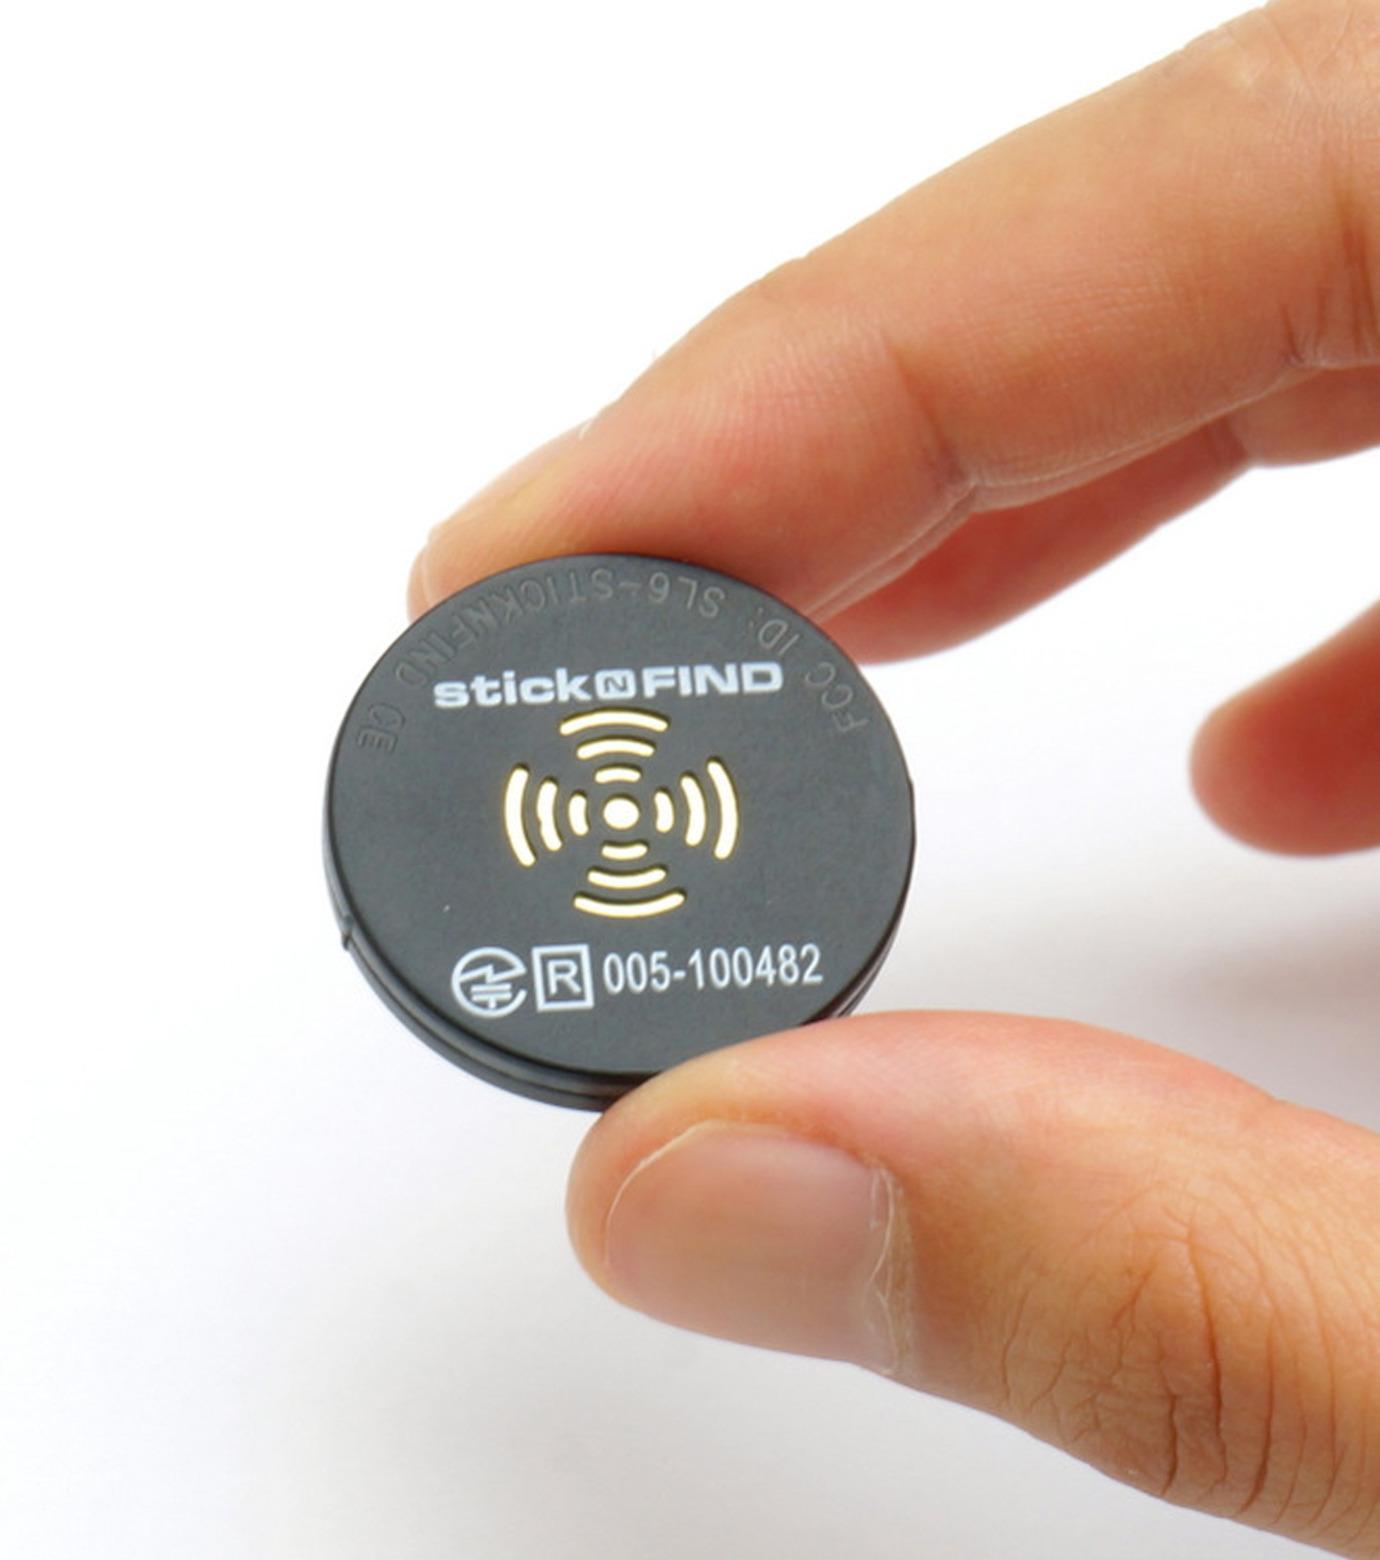 StickNFind(ステッカー・ファインド)のBluetooth Sticker-NONE(ガジェット/gadgets)-Stick-N-Find-0 拡大詳細画像2